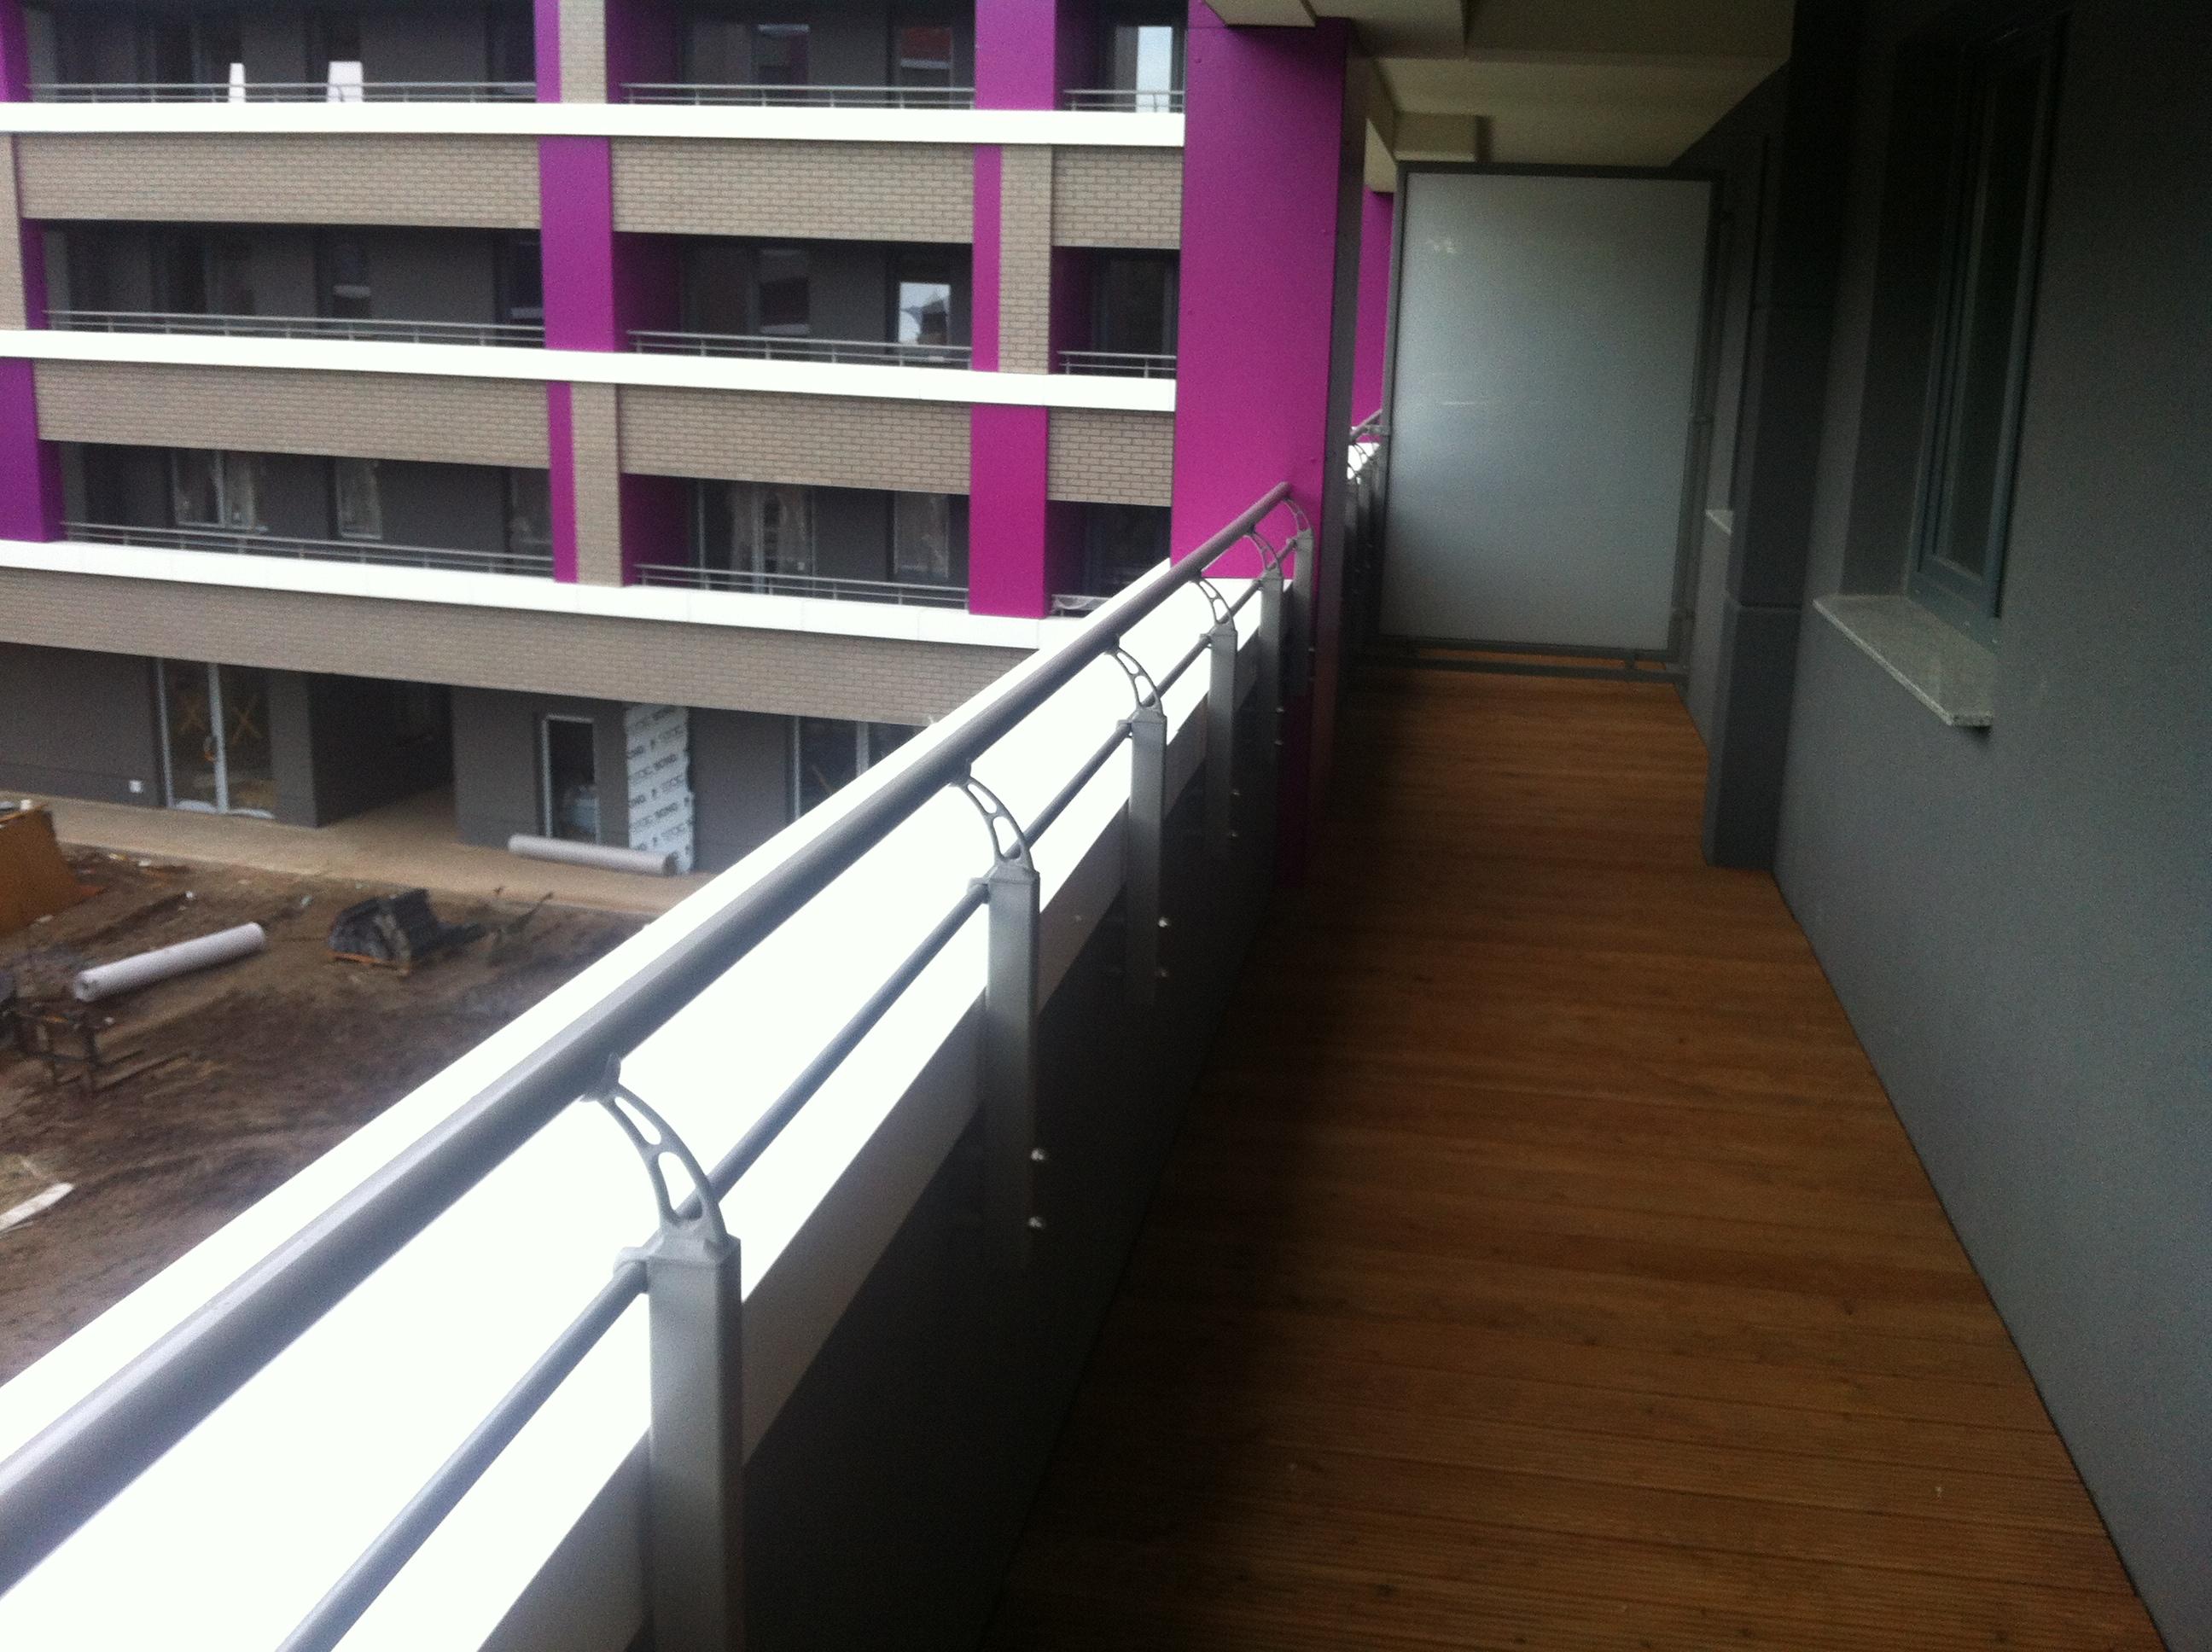 płyty elewacyjne Trespa fasada wentylowana okładziny HPL pomysły na elewację